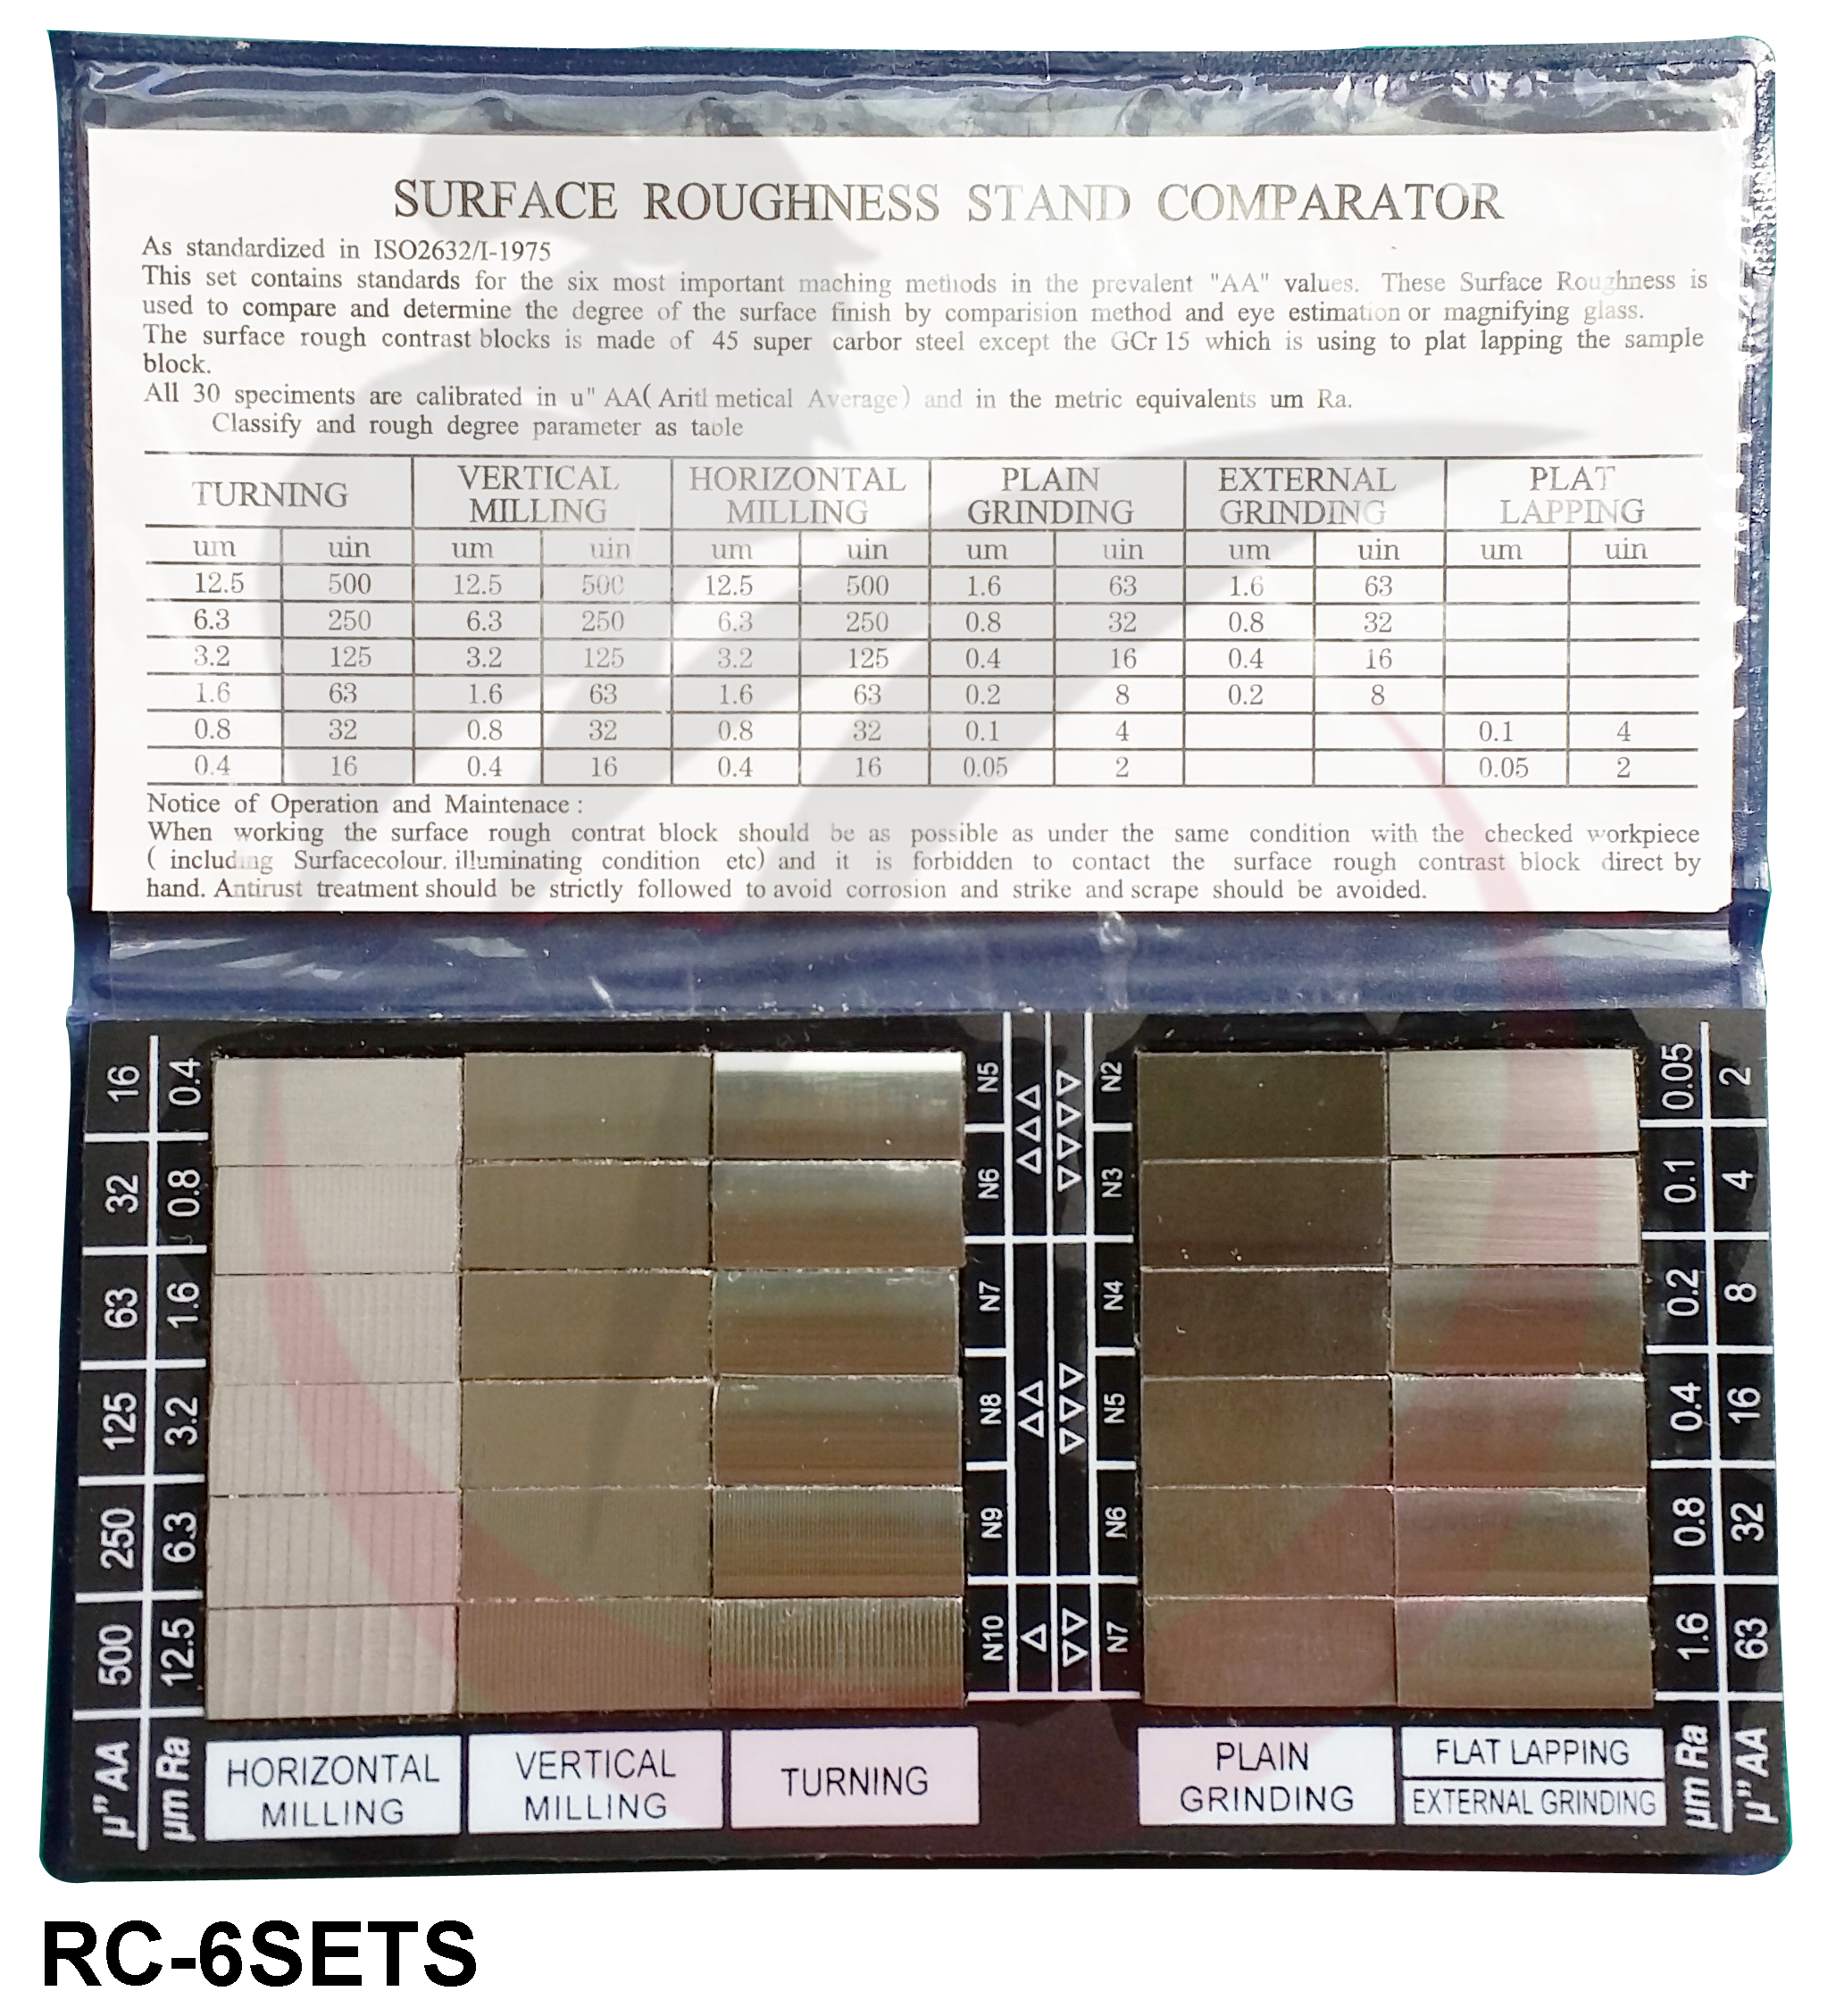 Mẫu chuẩn độ nhám 30 miếng RC-6SETS Metrology